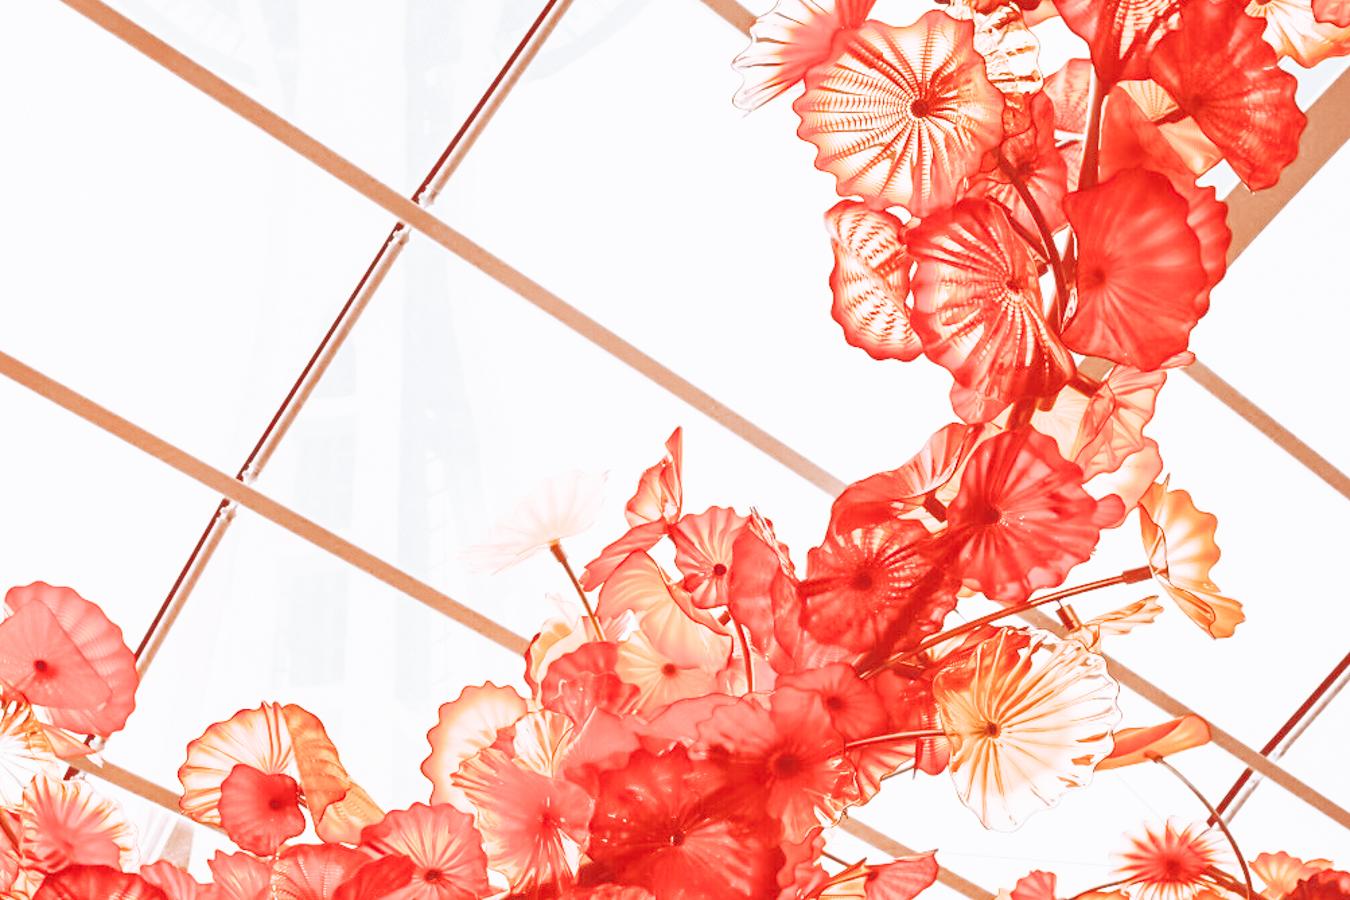 Instagrammable glass art in Seattle